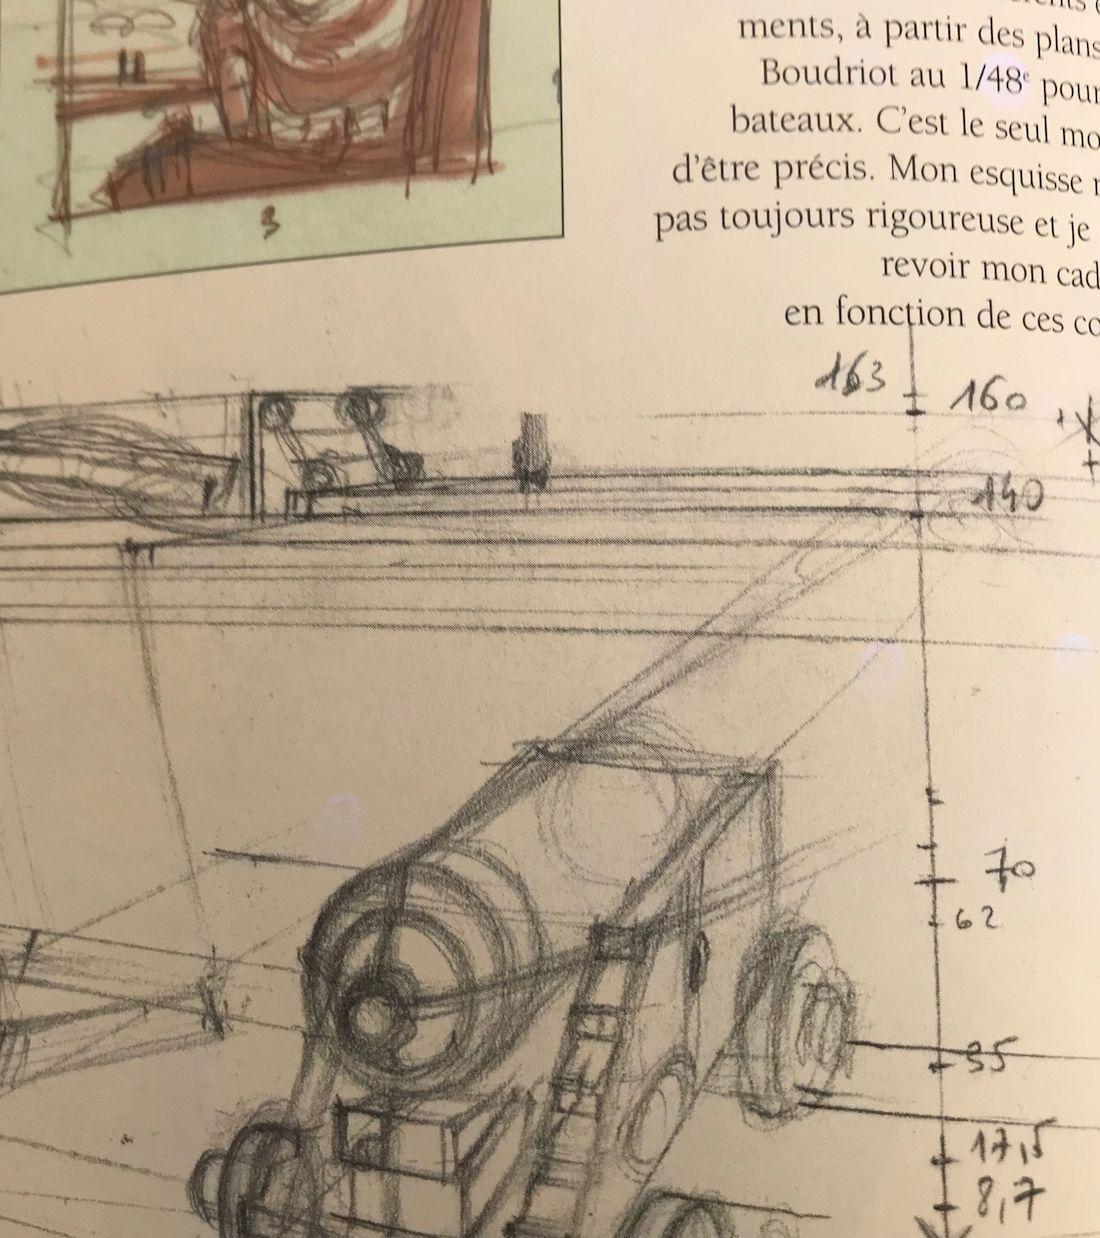 30 ans d'édition, par Sébastien Gnaedig, Chapitre 15 : Laurent Vicomte. L'Epervier de Patrice Pellerin